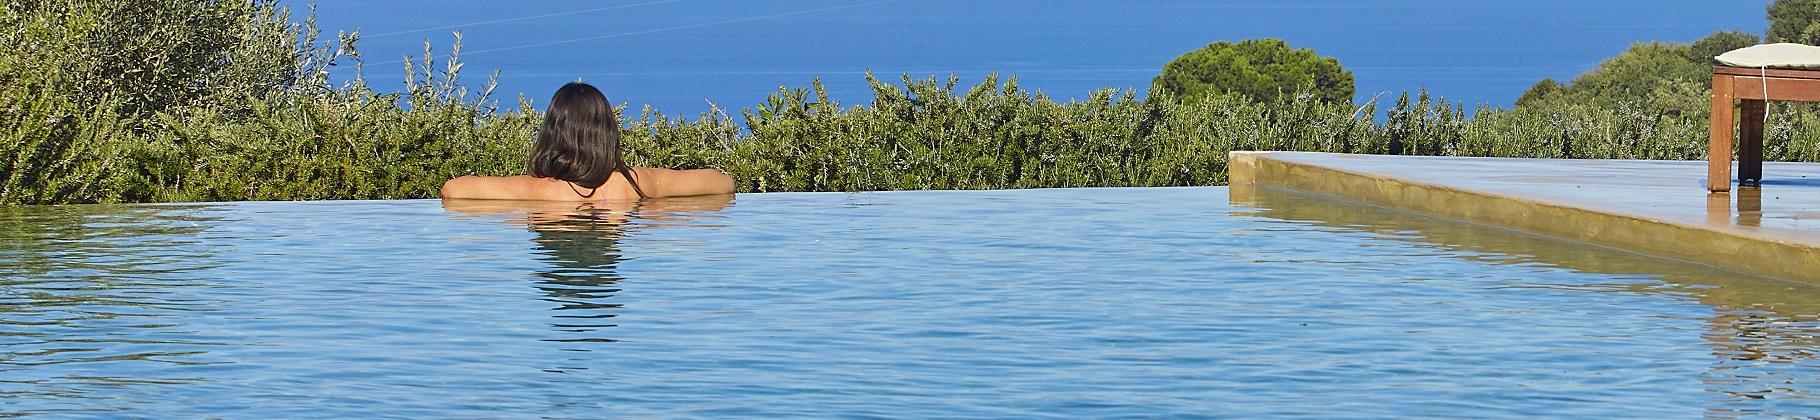 Ville in Sicilia con piscina e vista mare